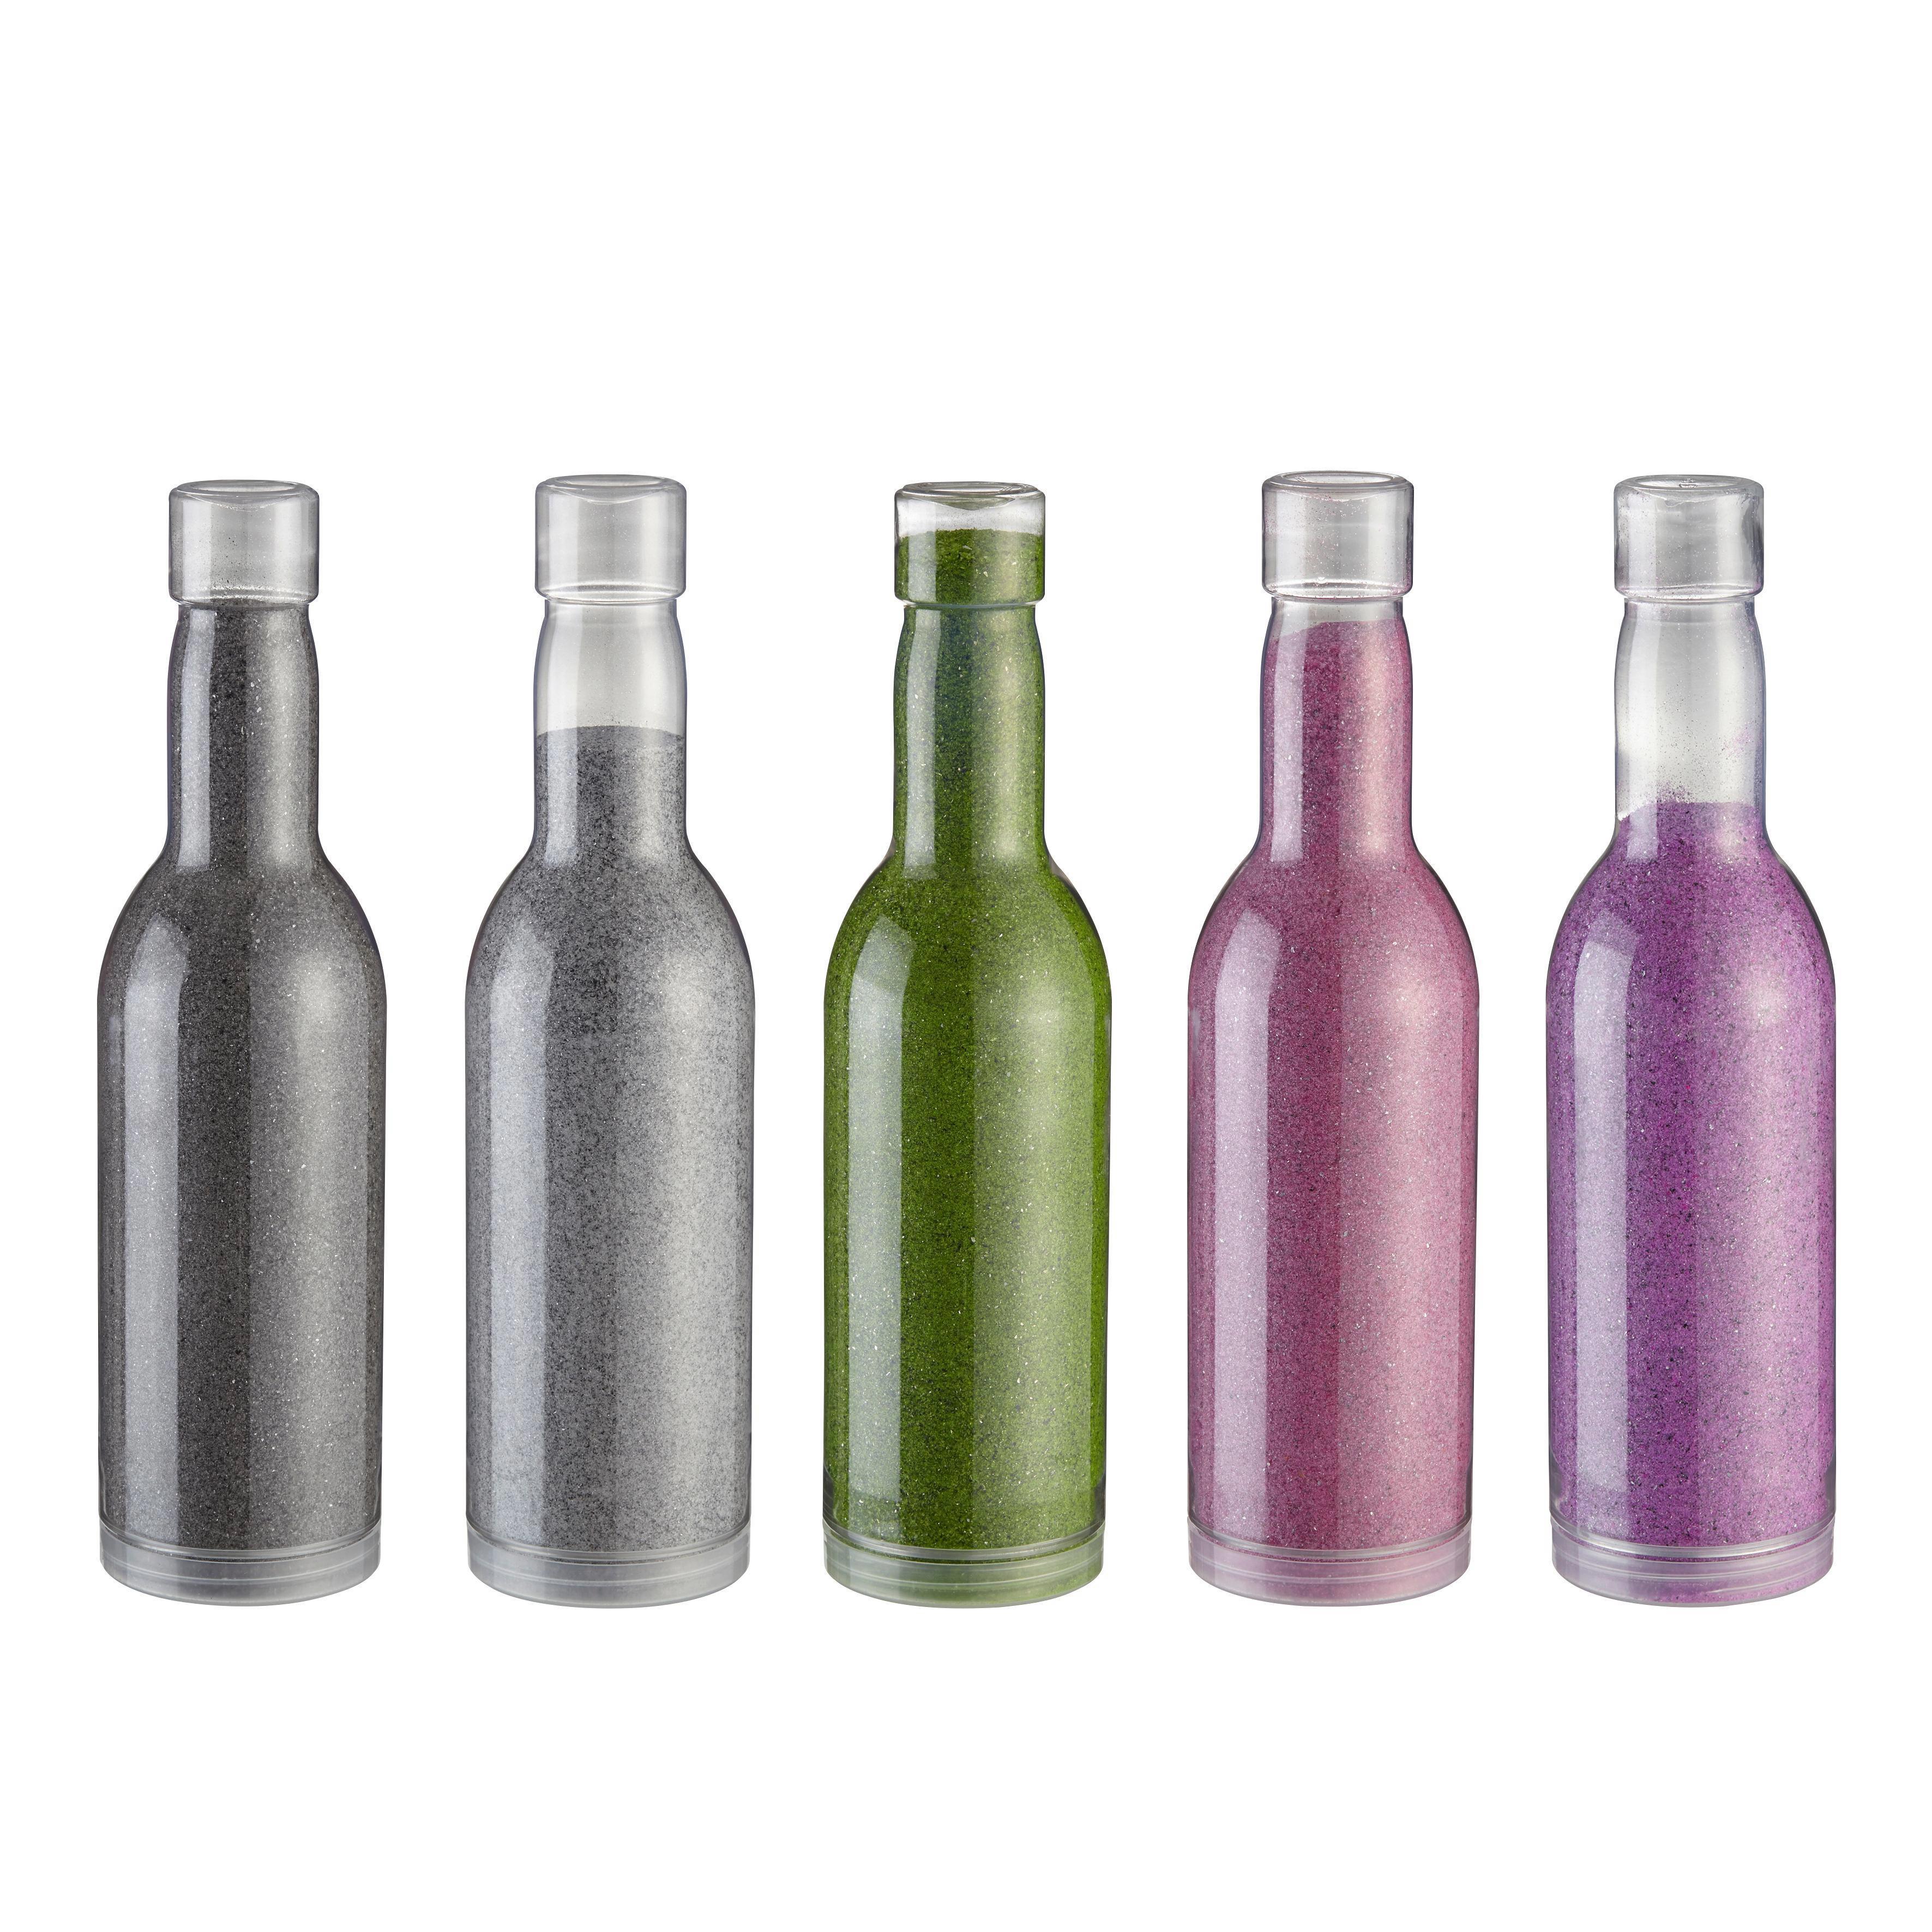 Dekosand Cindy in mehreren Farben - Terra cotta/Naturfarben, Glas (0,65l) - MÖMAX modern living